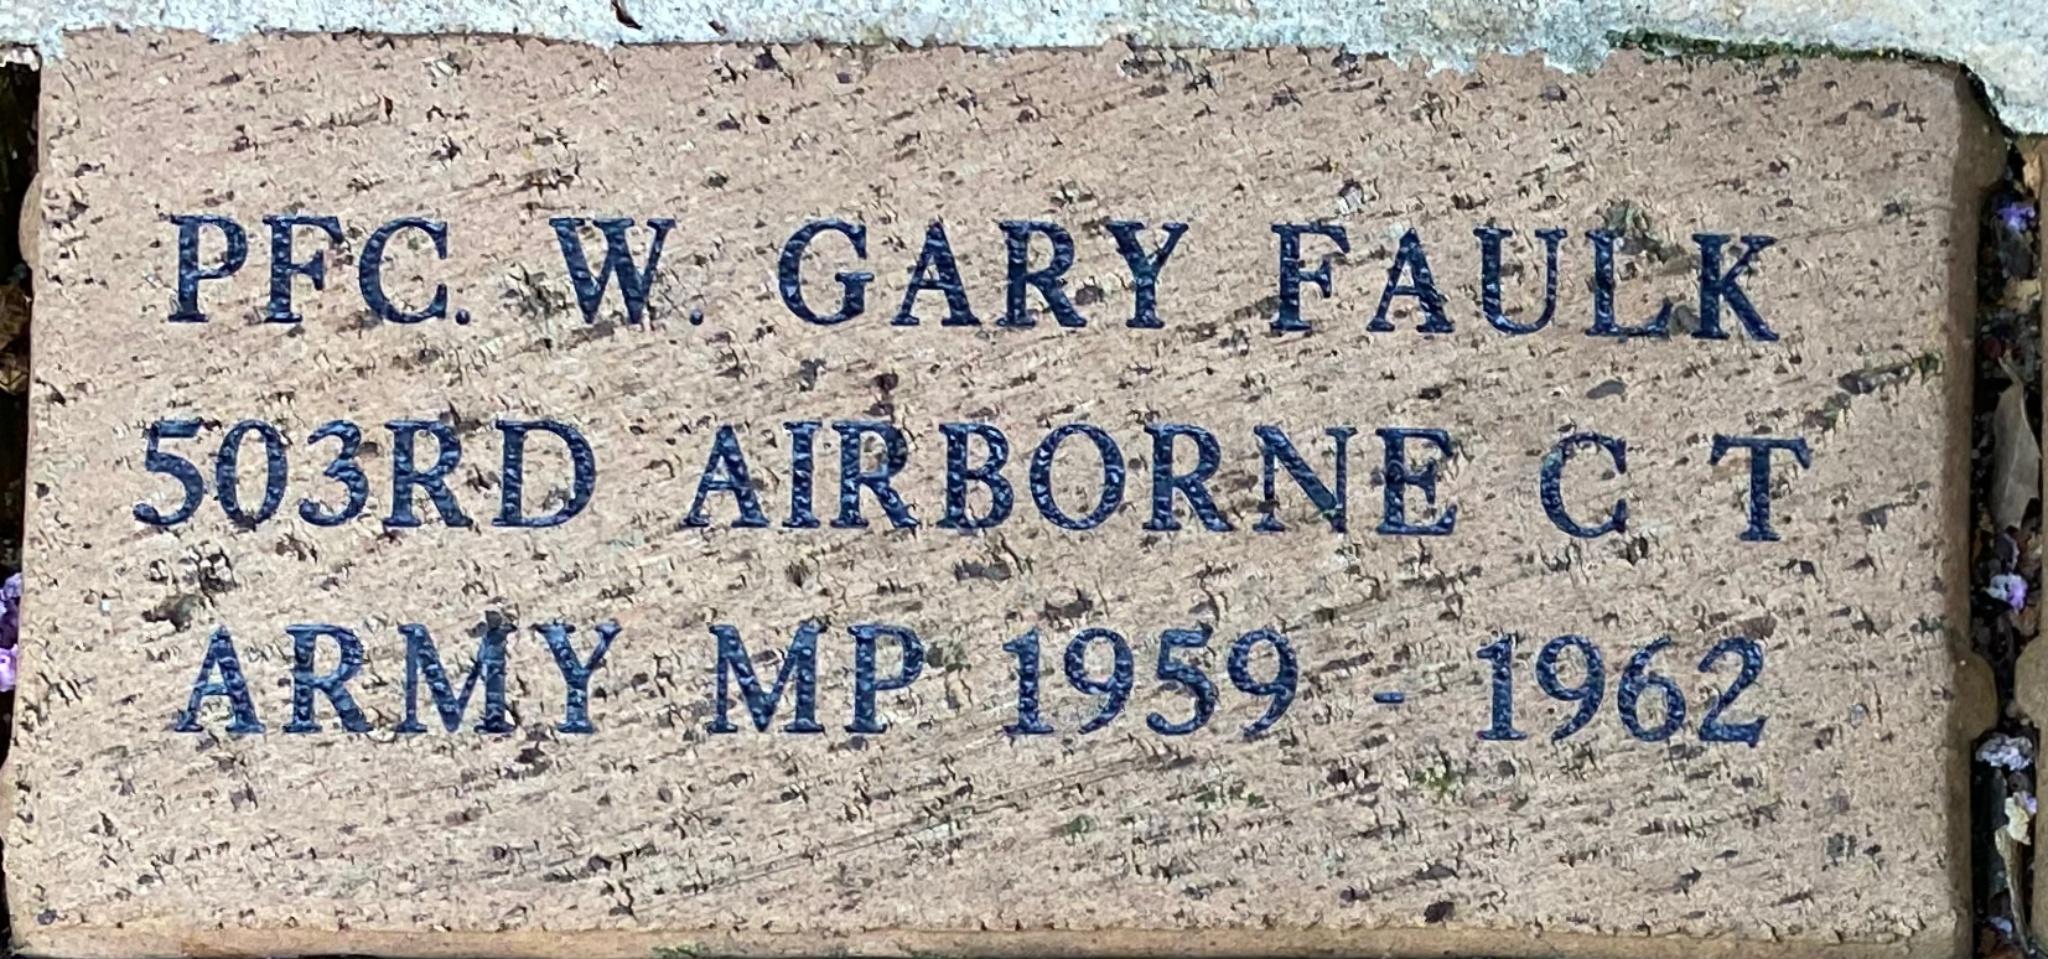 PFC W. GARY FAULK 503RD AIRBORNE C T ARMY MP 1959 – 1962